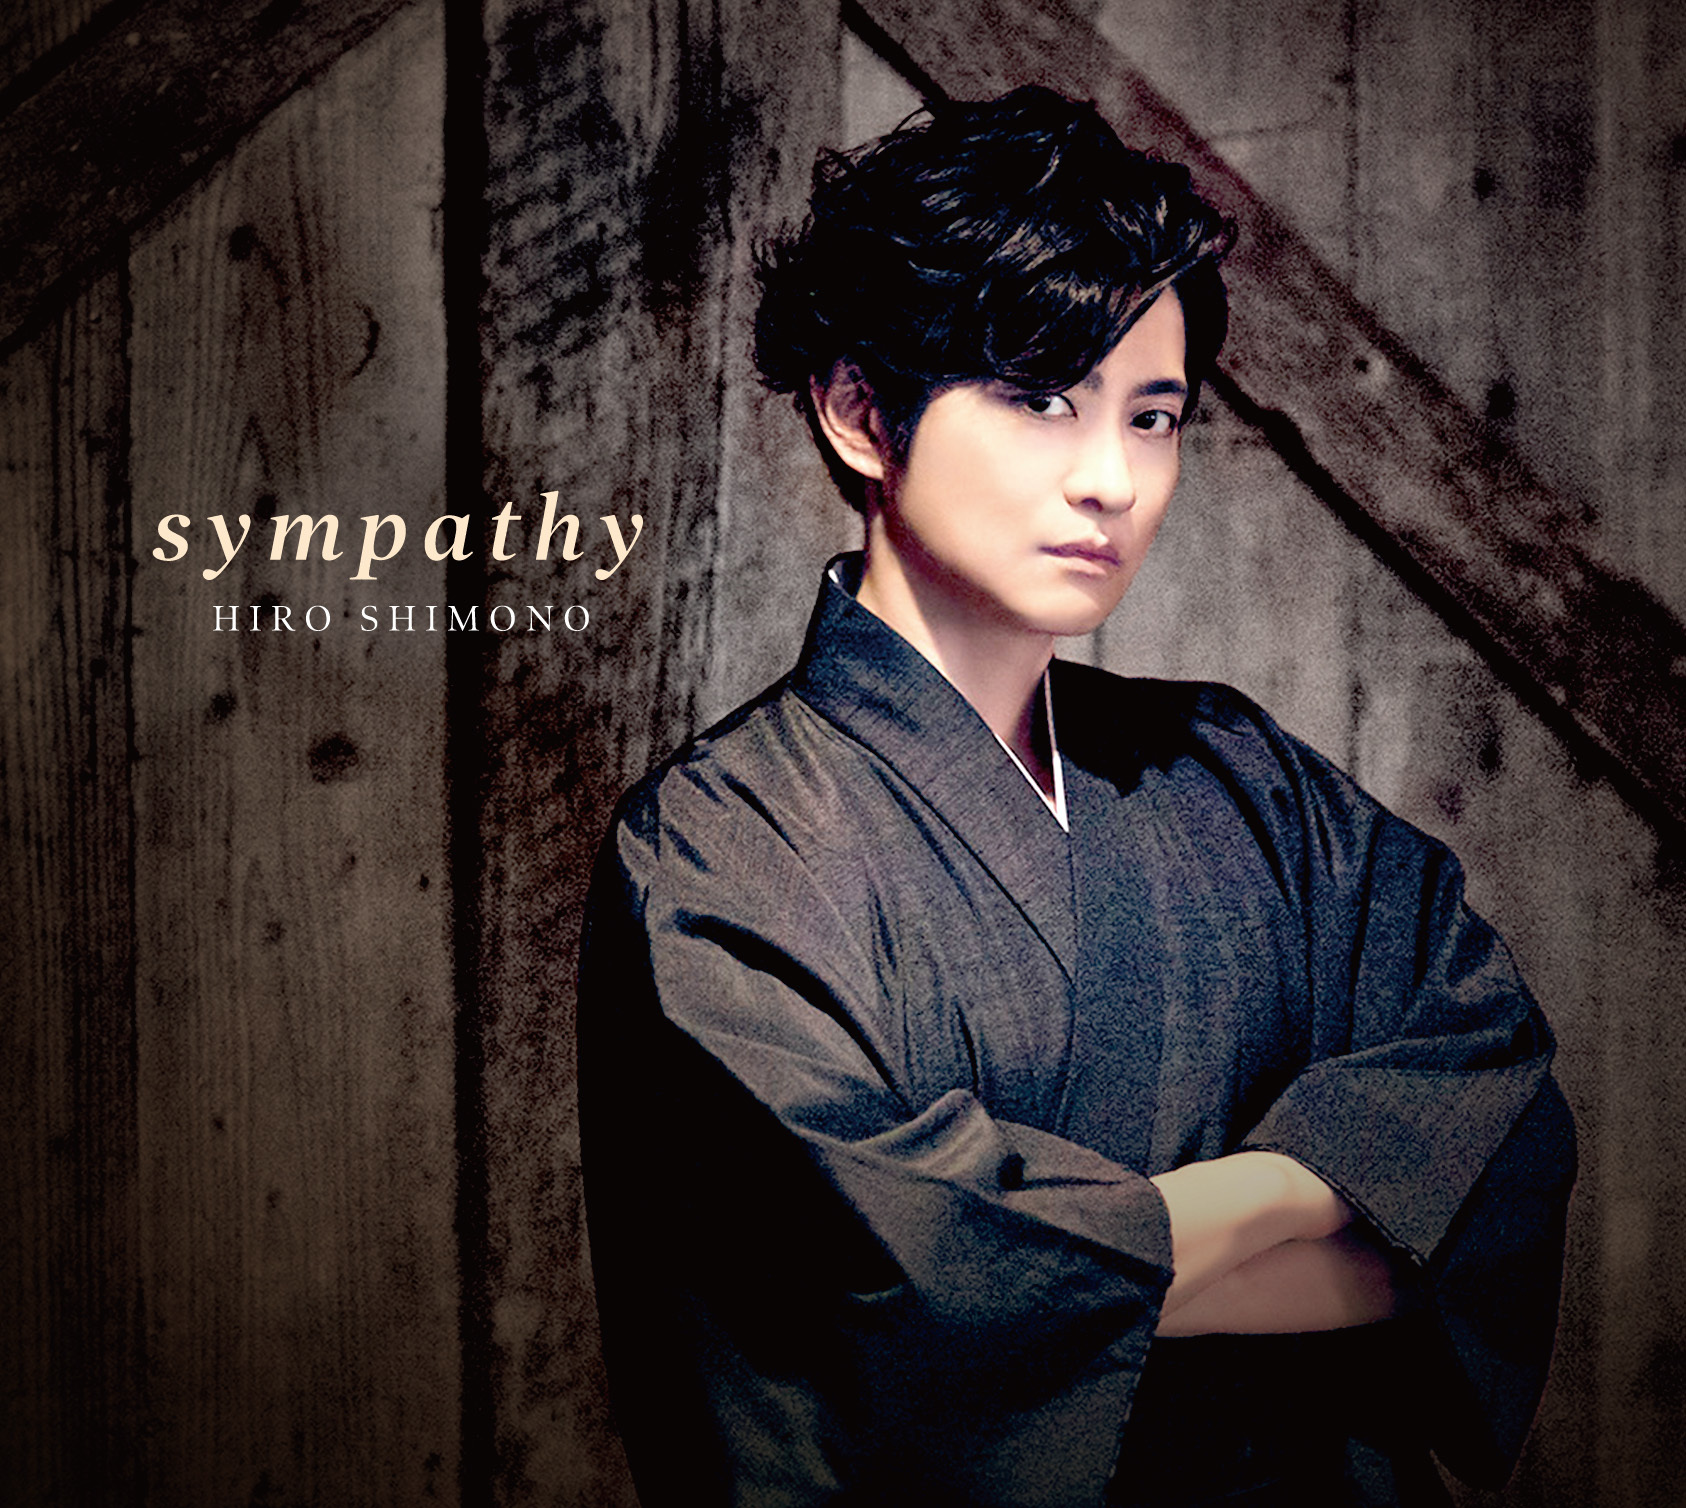 下野紘コンセプトシングル「sympathy」【きゃにめ盤B】